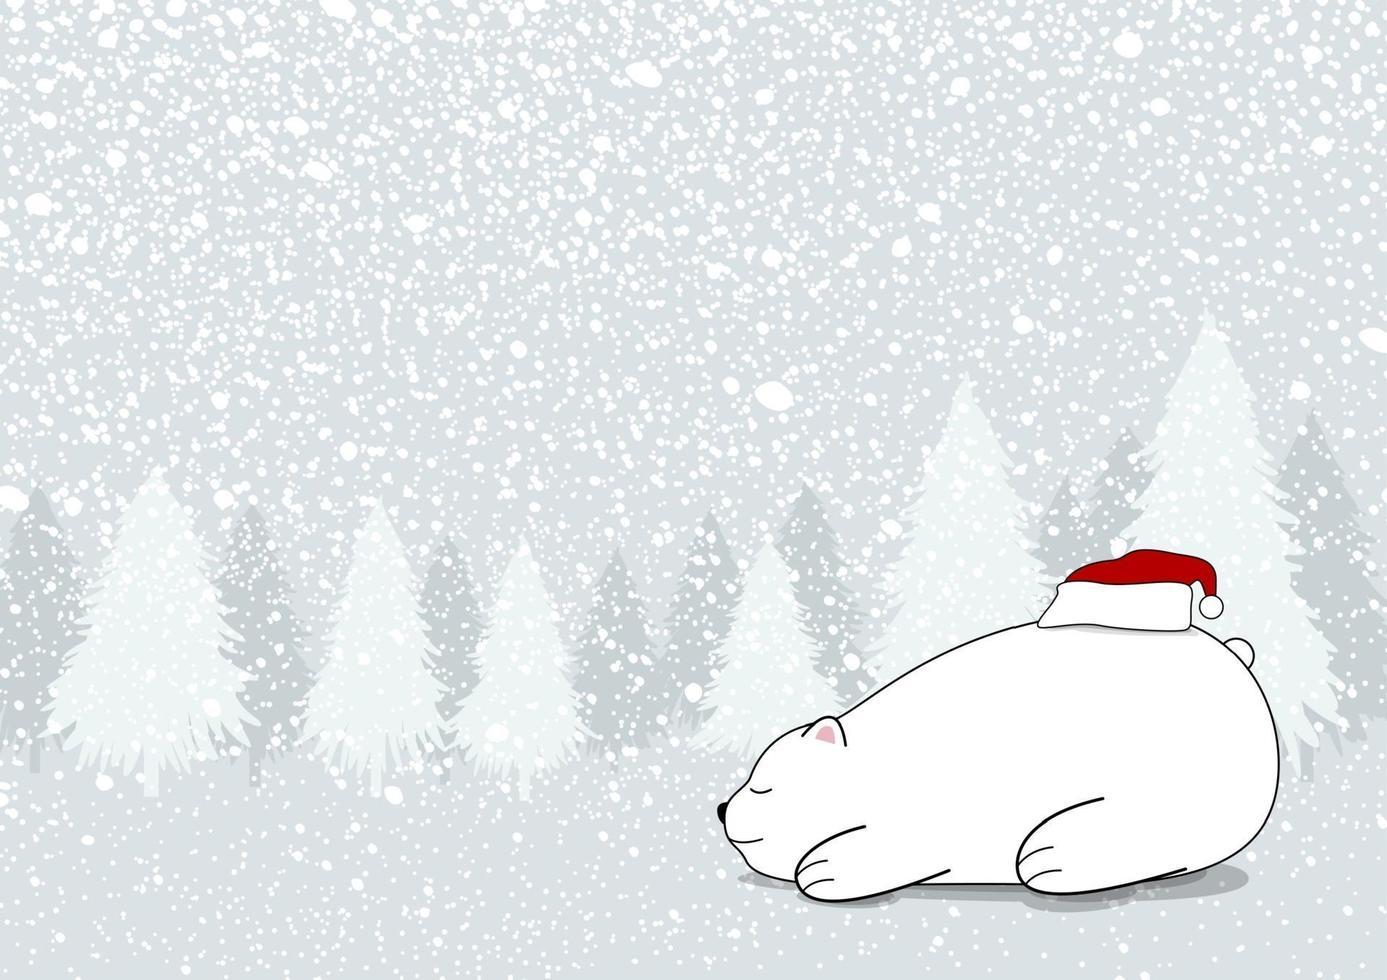 design de cartão de natal de urso branco com chapéu de Papai Noel em ilustração vetorial de inverno vetor